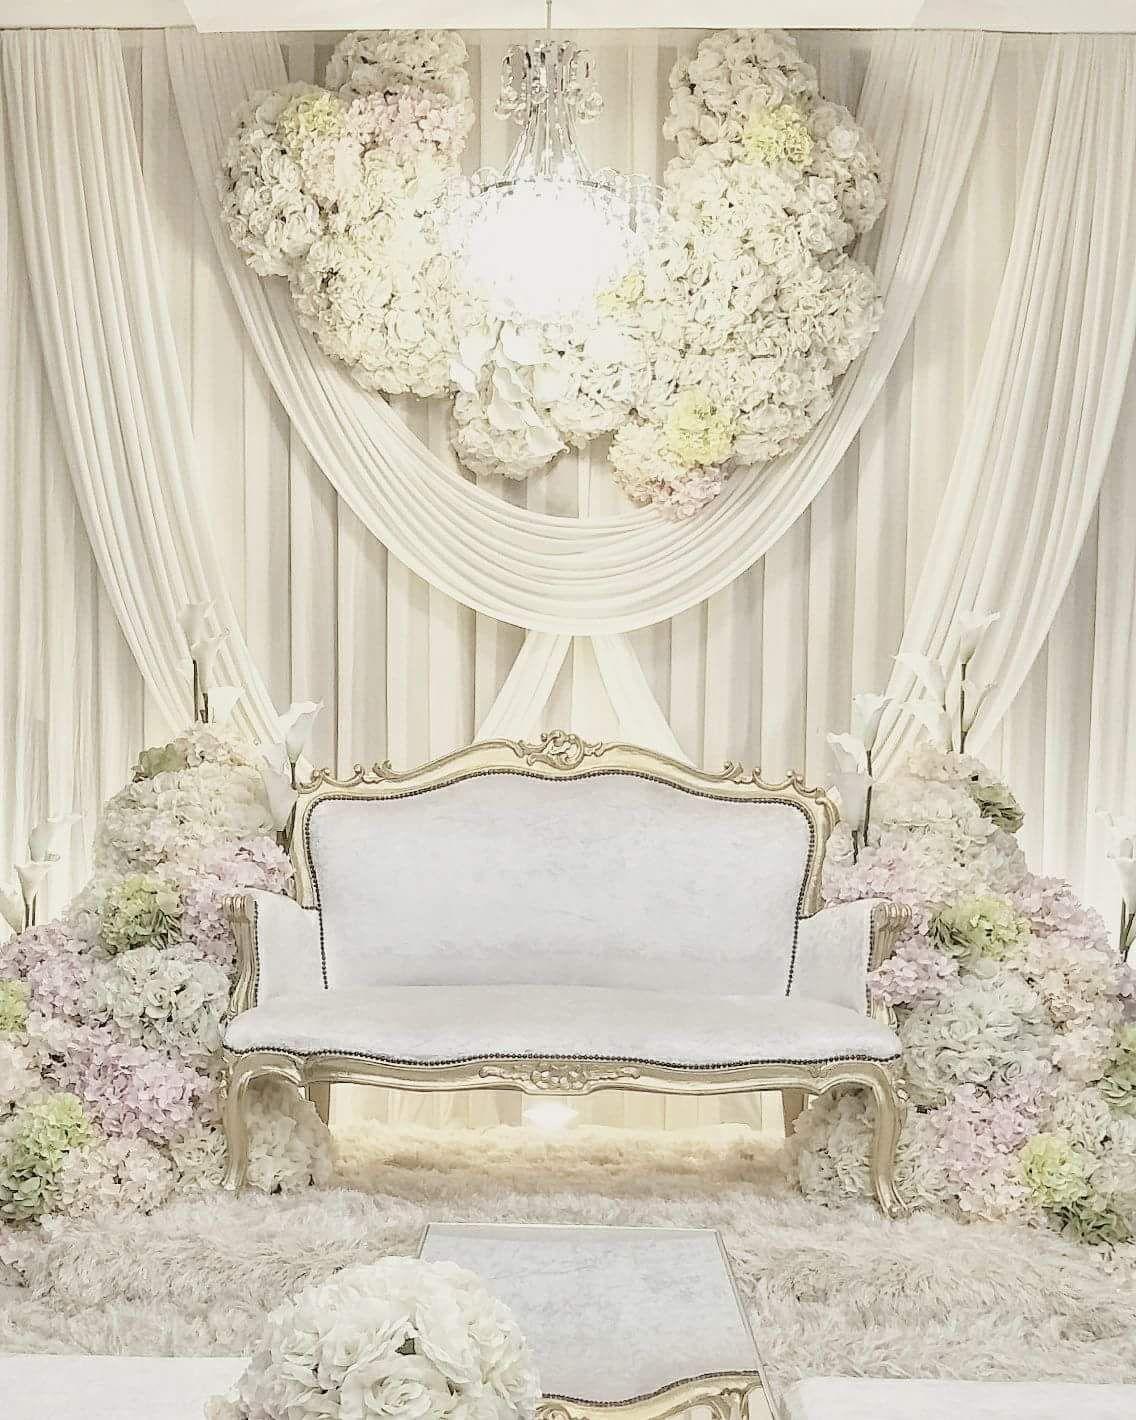 Wedding Nikah Simple Backdrop Decoration Muslim: PELAMIN BUNGA PUTIH 2018 In 2019